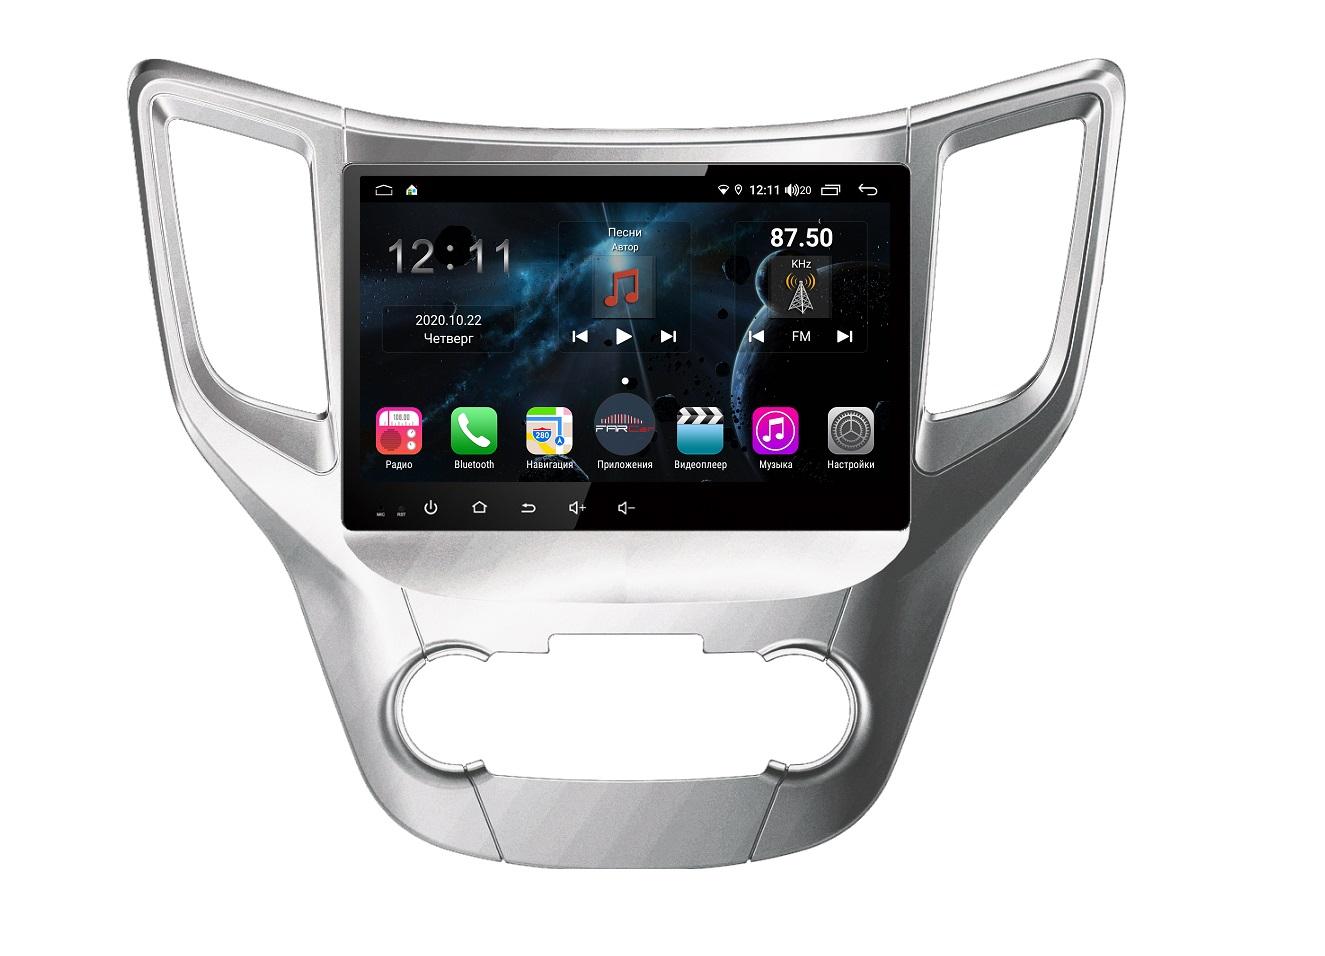 Штатная магнитола FarCar s400 для Changan на Android (H1003R) (+ Камера заднего вида в подарок!)